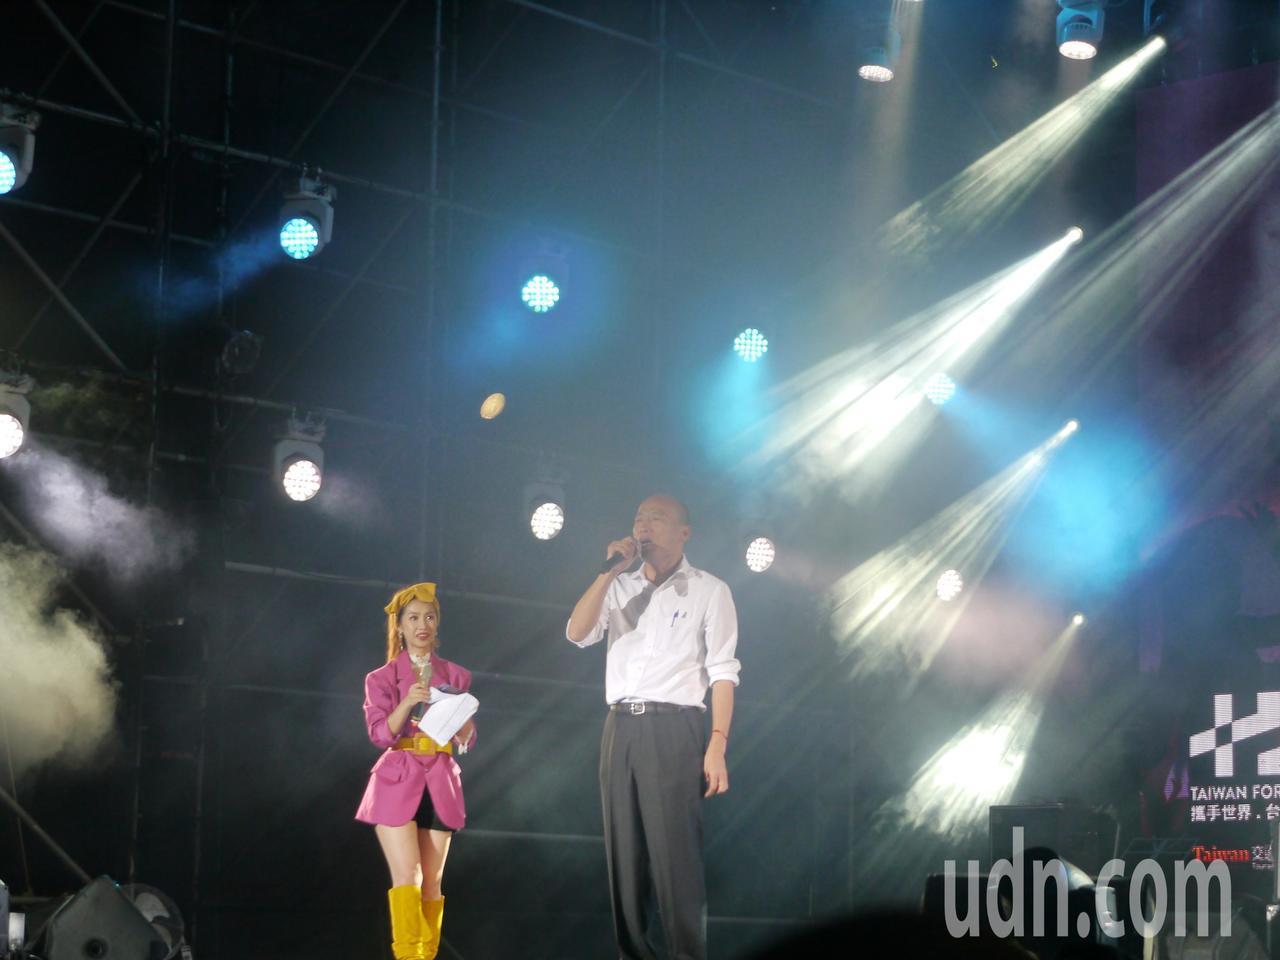 高雄市長韓國瑜(右)出席音樂會,與現場觀眾一起觀看國慶焰火。記者徐白櫻/攝影